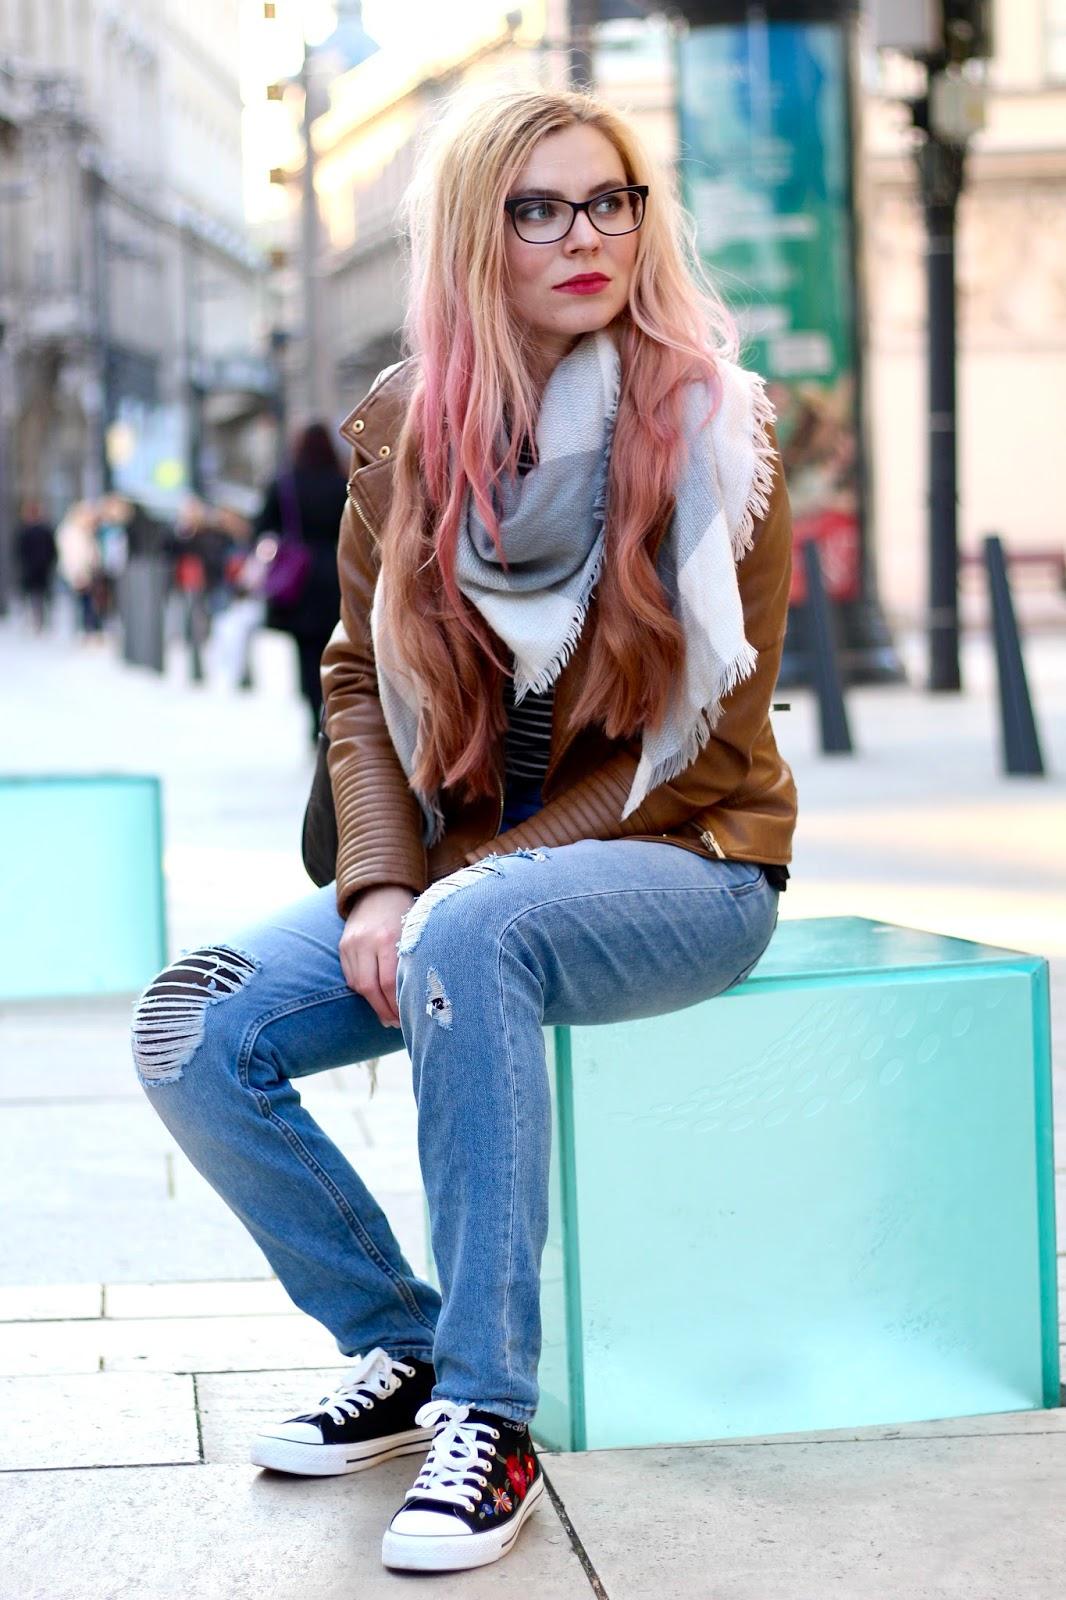 jesenný outfit, jarný outfit, fashion blog